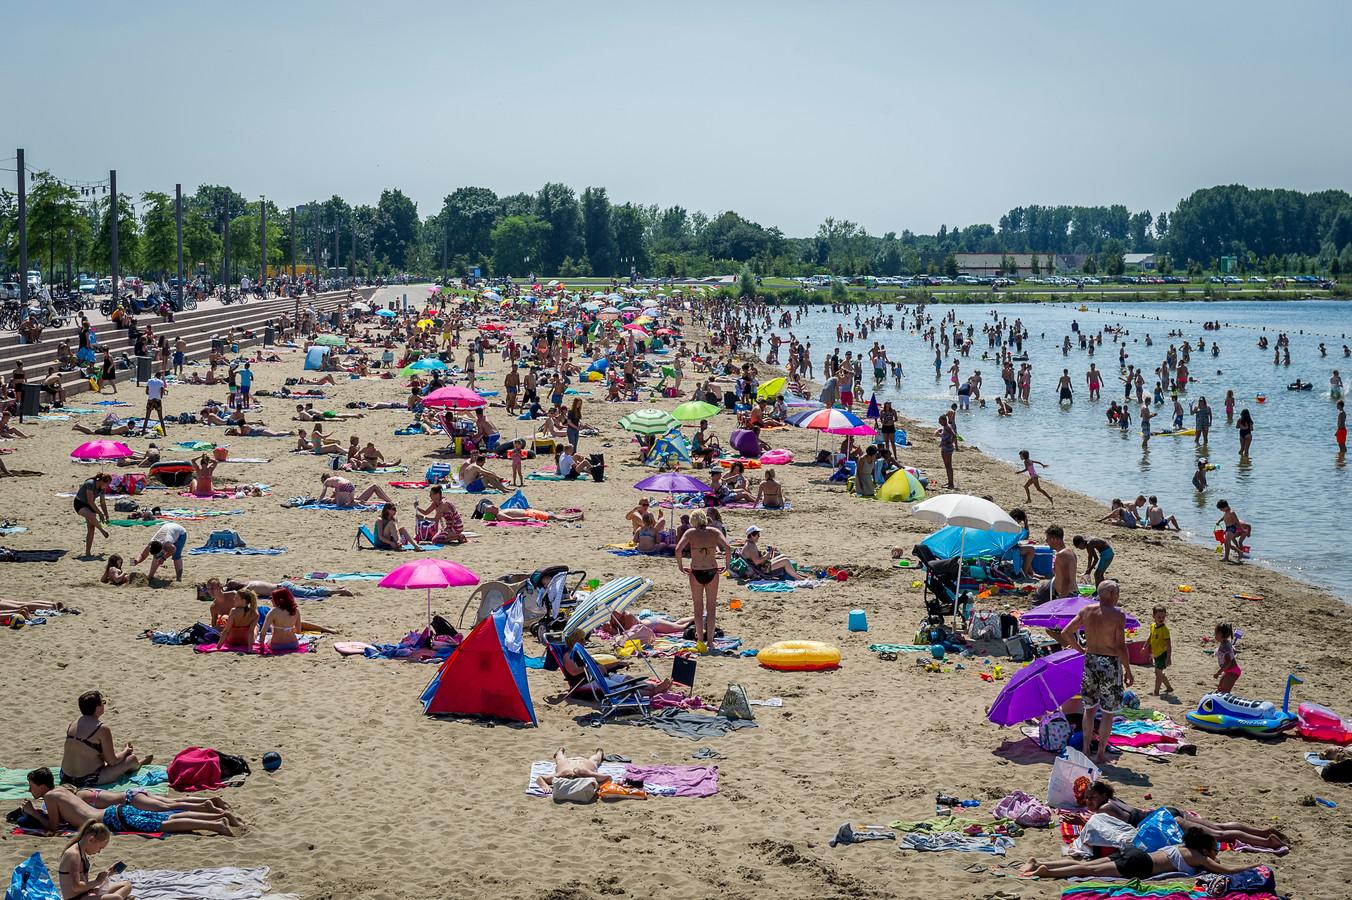 Drukte op het strand van Nesselande. Op warme dagen komt er extra toezicht, zo belooft wethouder Eerdmans.